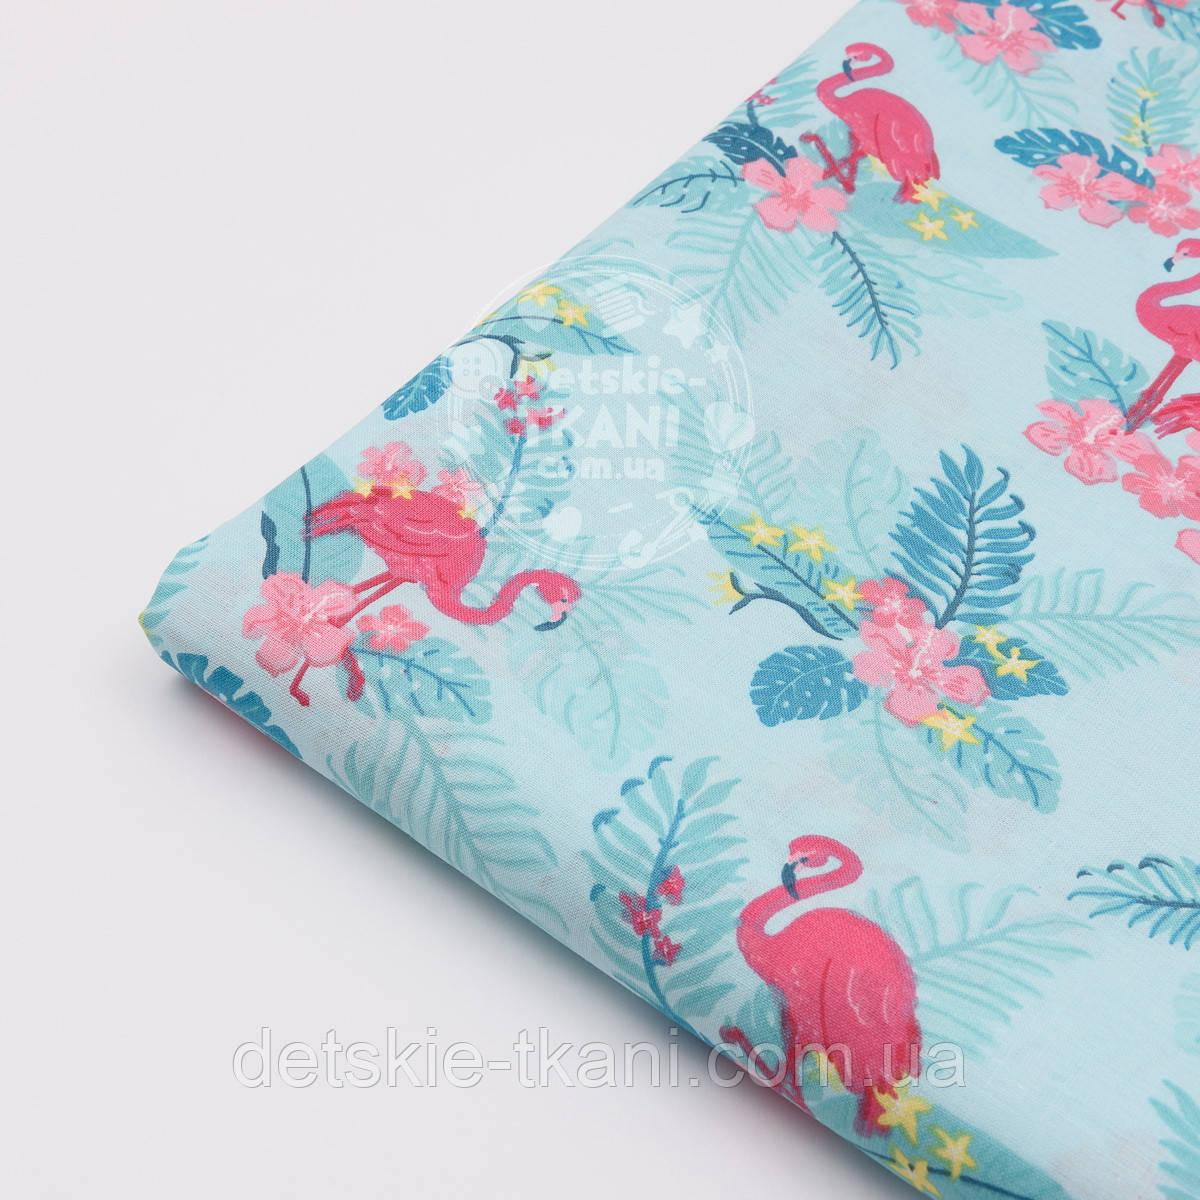 """Отрез ткани №1490 """"Фламинго с цветами"""" на мятно-бирюзовом фоне, размер 80*160"""